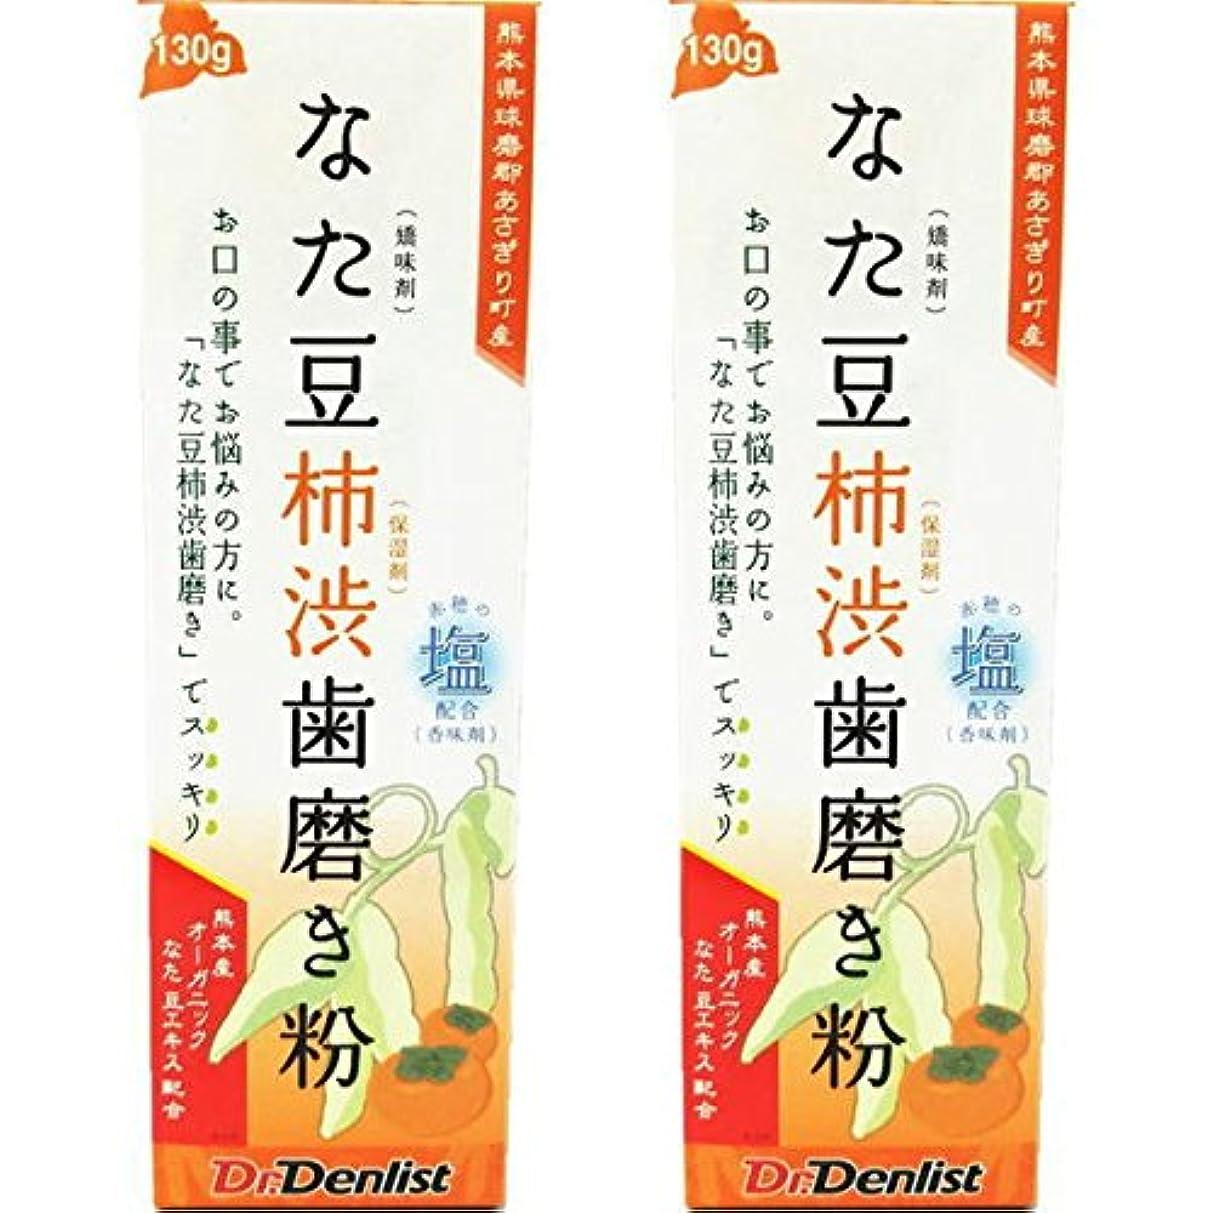 ジョージハンブリー付録財布なた豆柿渋歯磨き 130g 2個セット 国産 有機なた豆使用 赤穂の塩配合(香味剤)